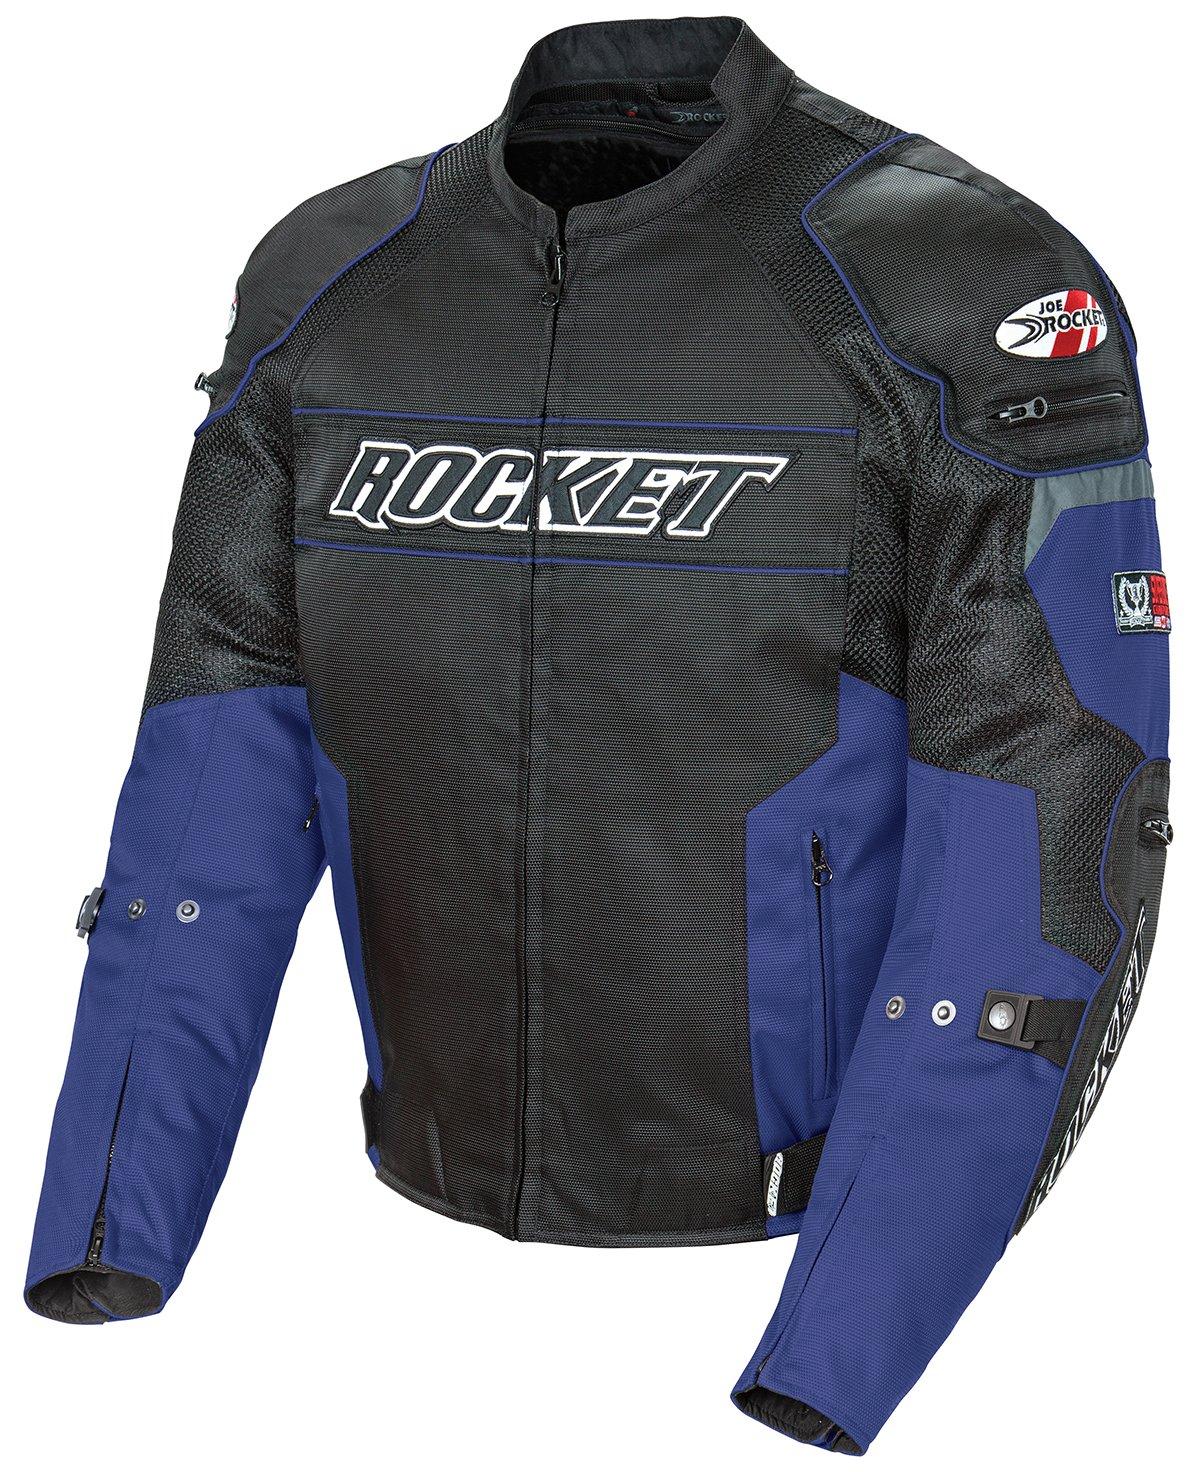 Image result for Joe Rocket 1460-1204 Resistor Men's Mesh Motorcycle Jacket (Blue/Black, Large)